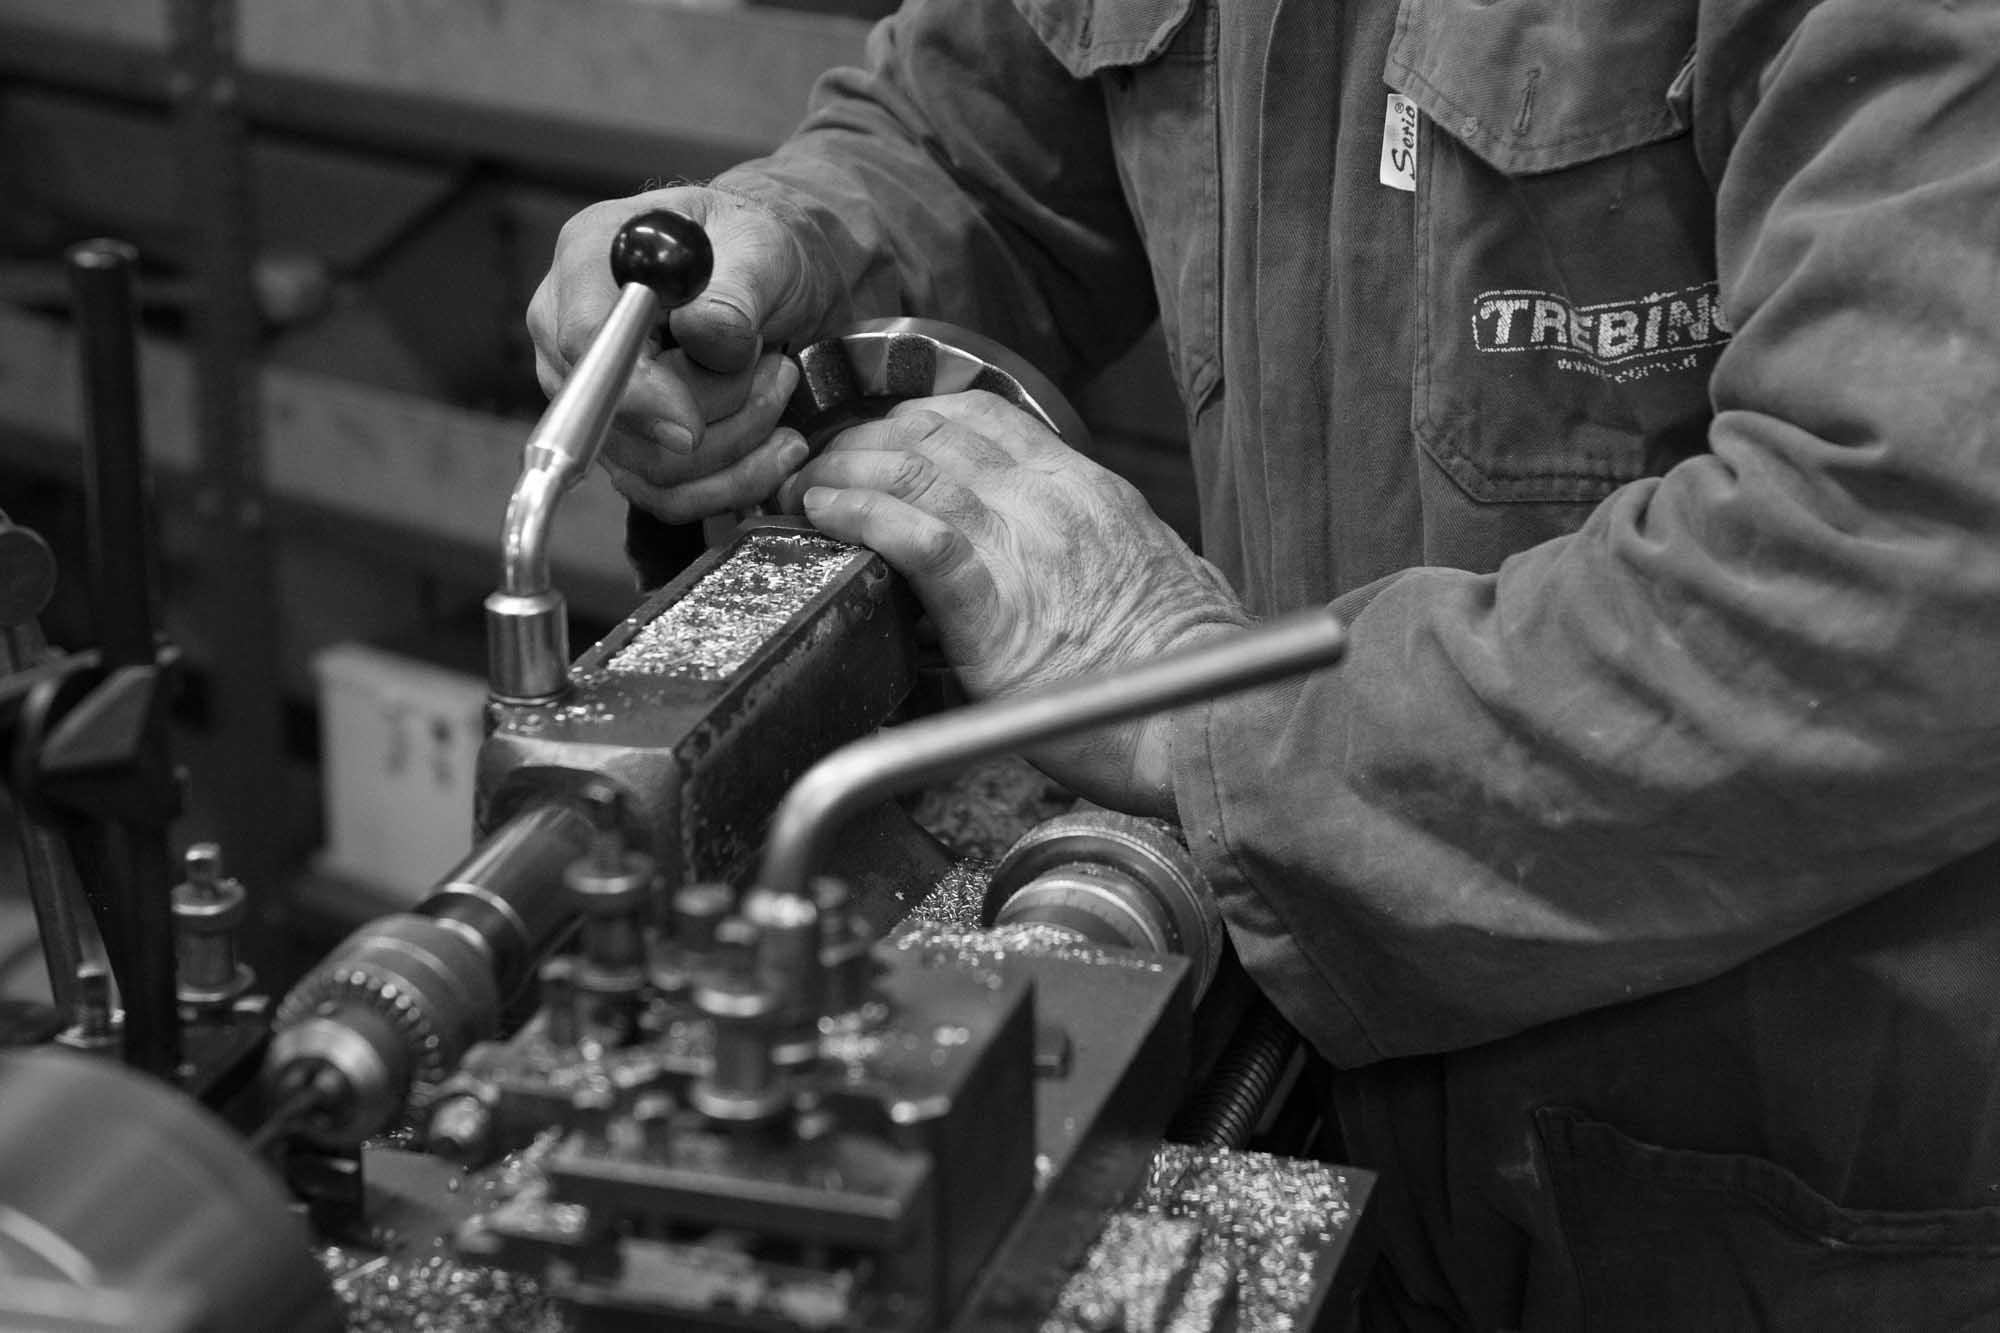 trebino-lavorazioni-artigianali-20